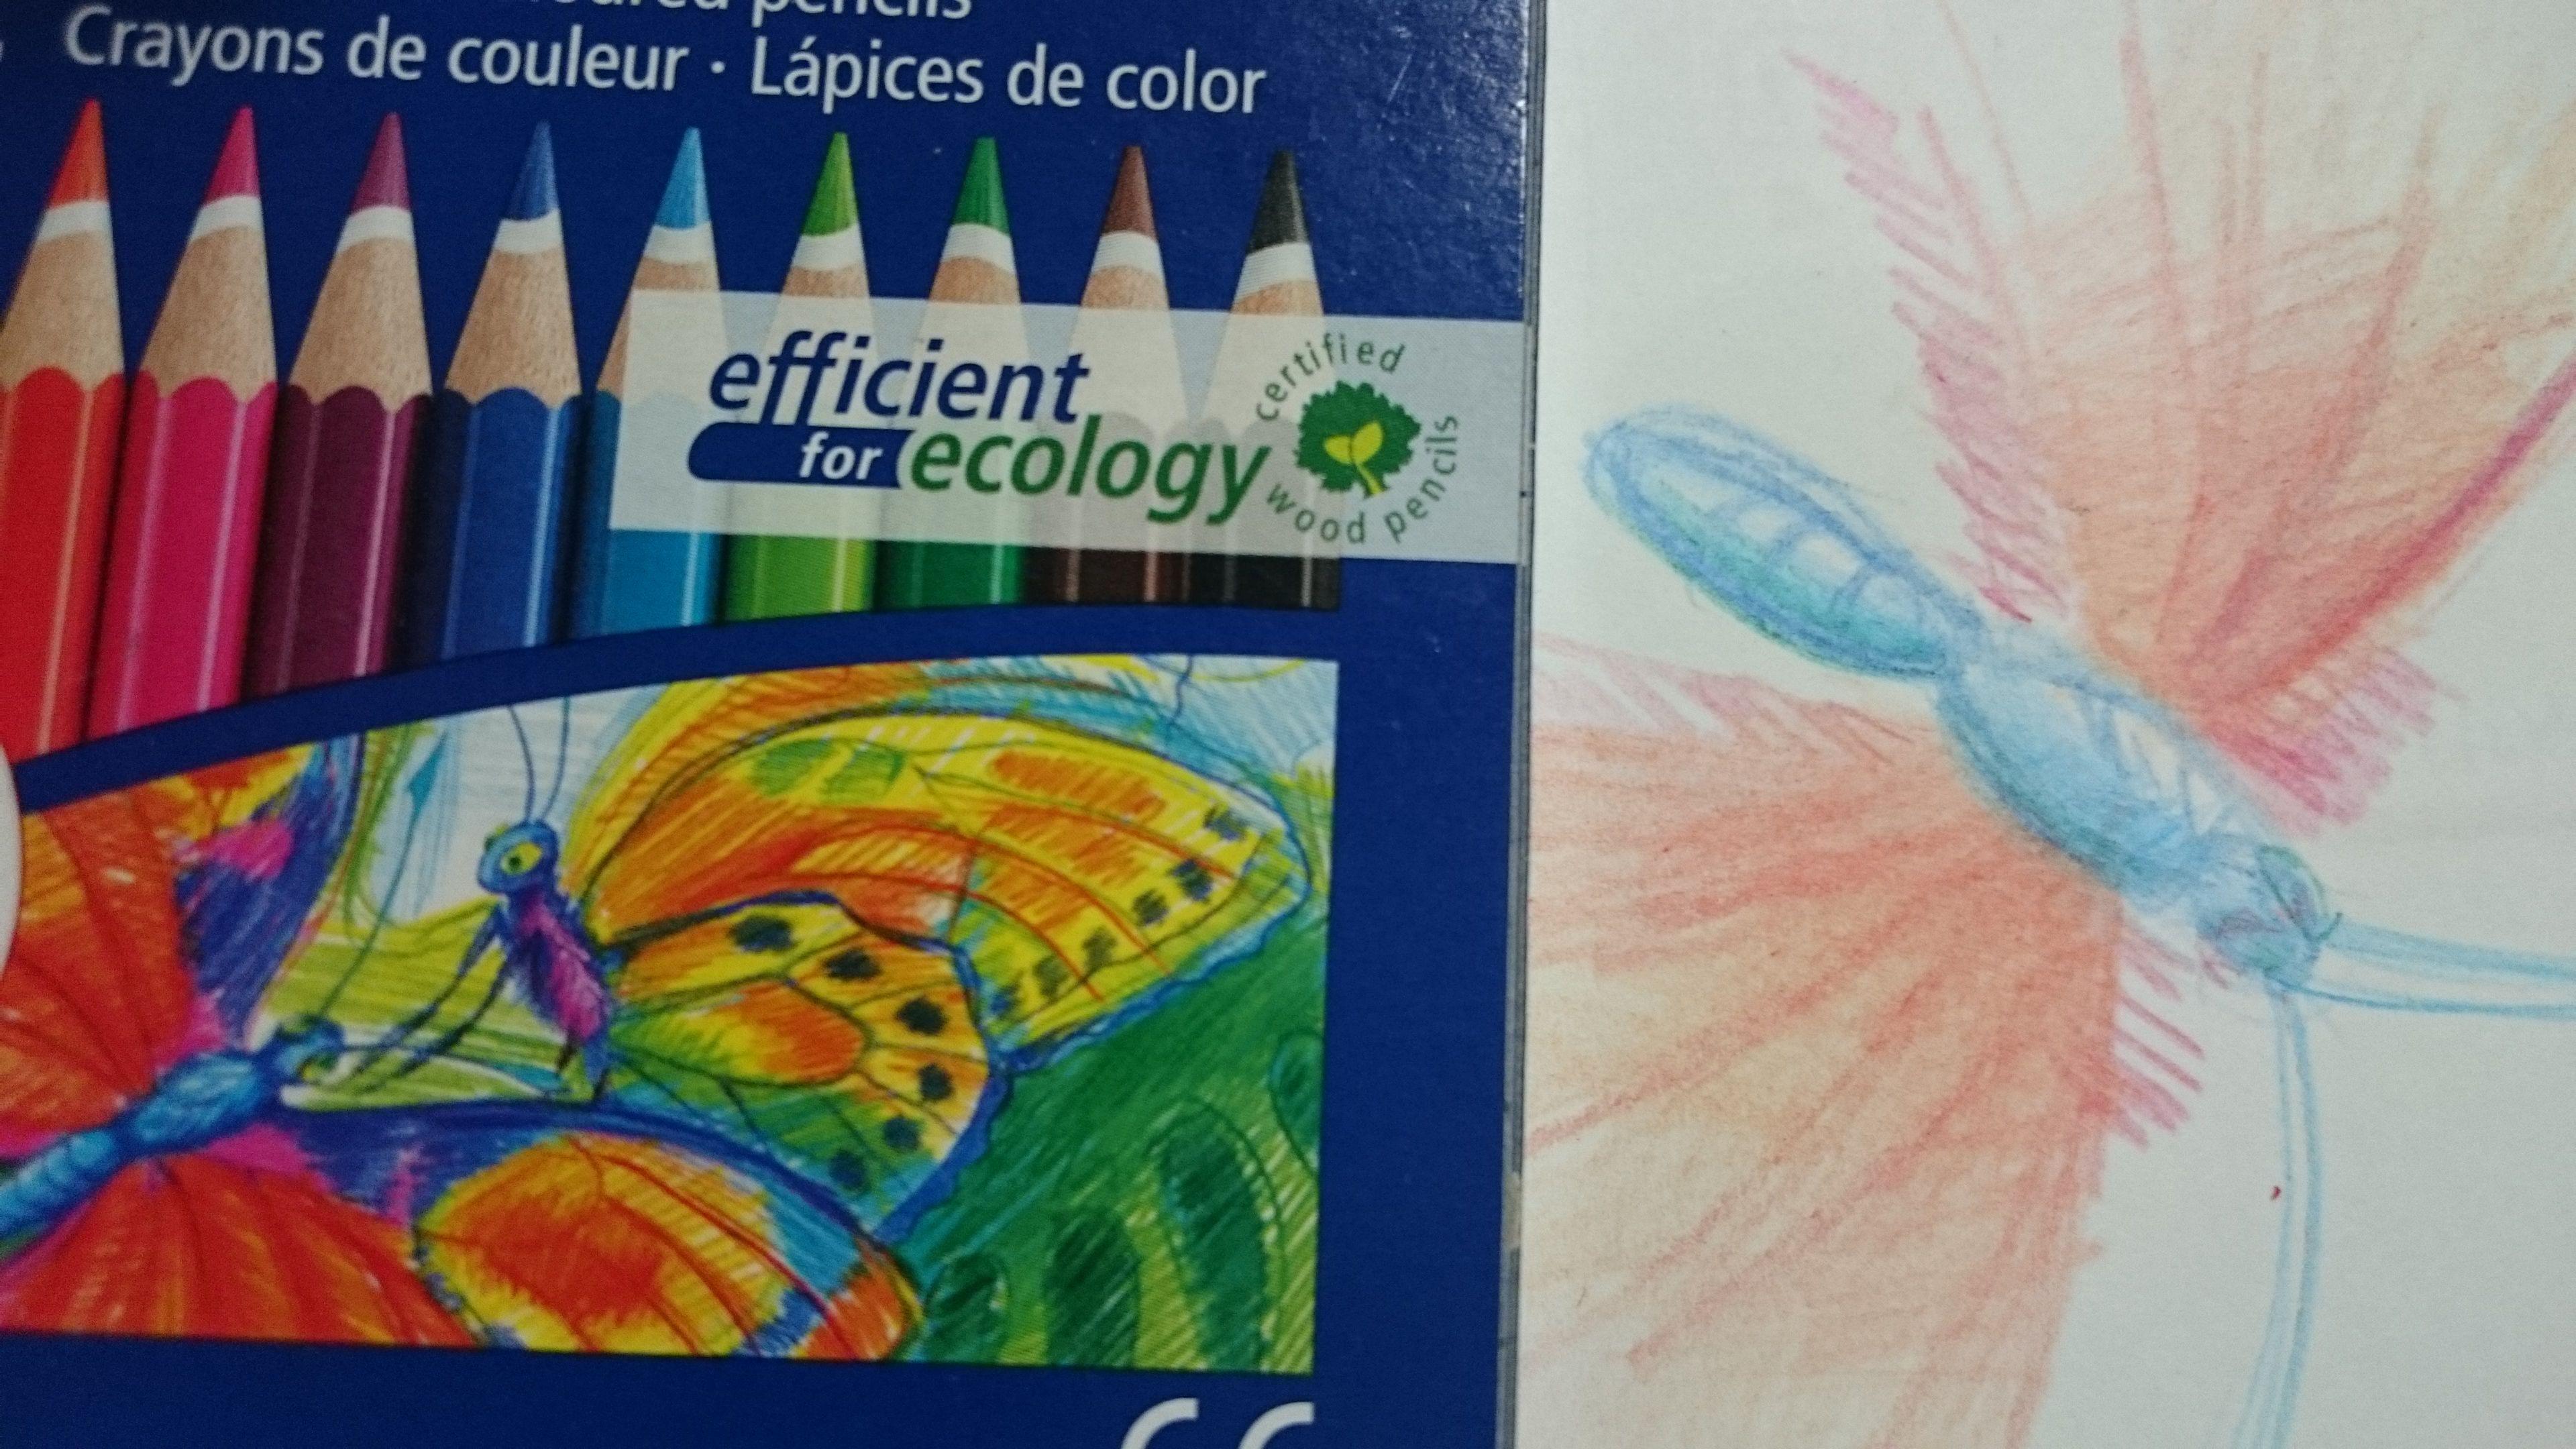 買ってはいけない色鉛筆 ワースト5 改定 画材マニアの徒然ブログ 楽天ブログ